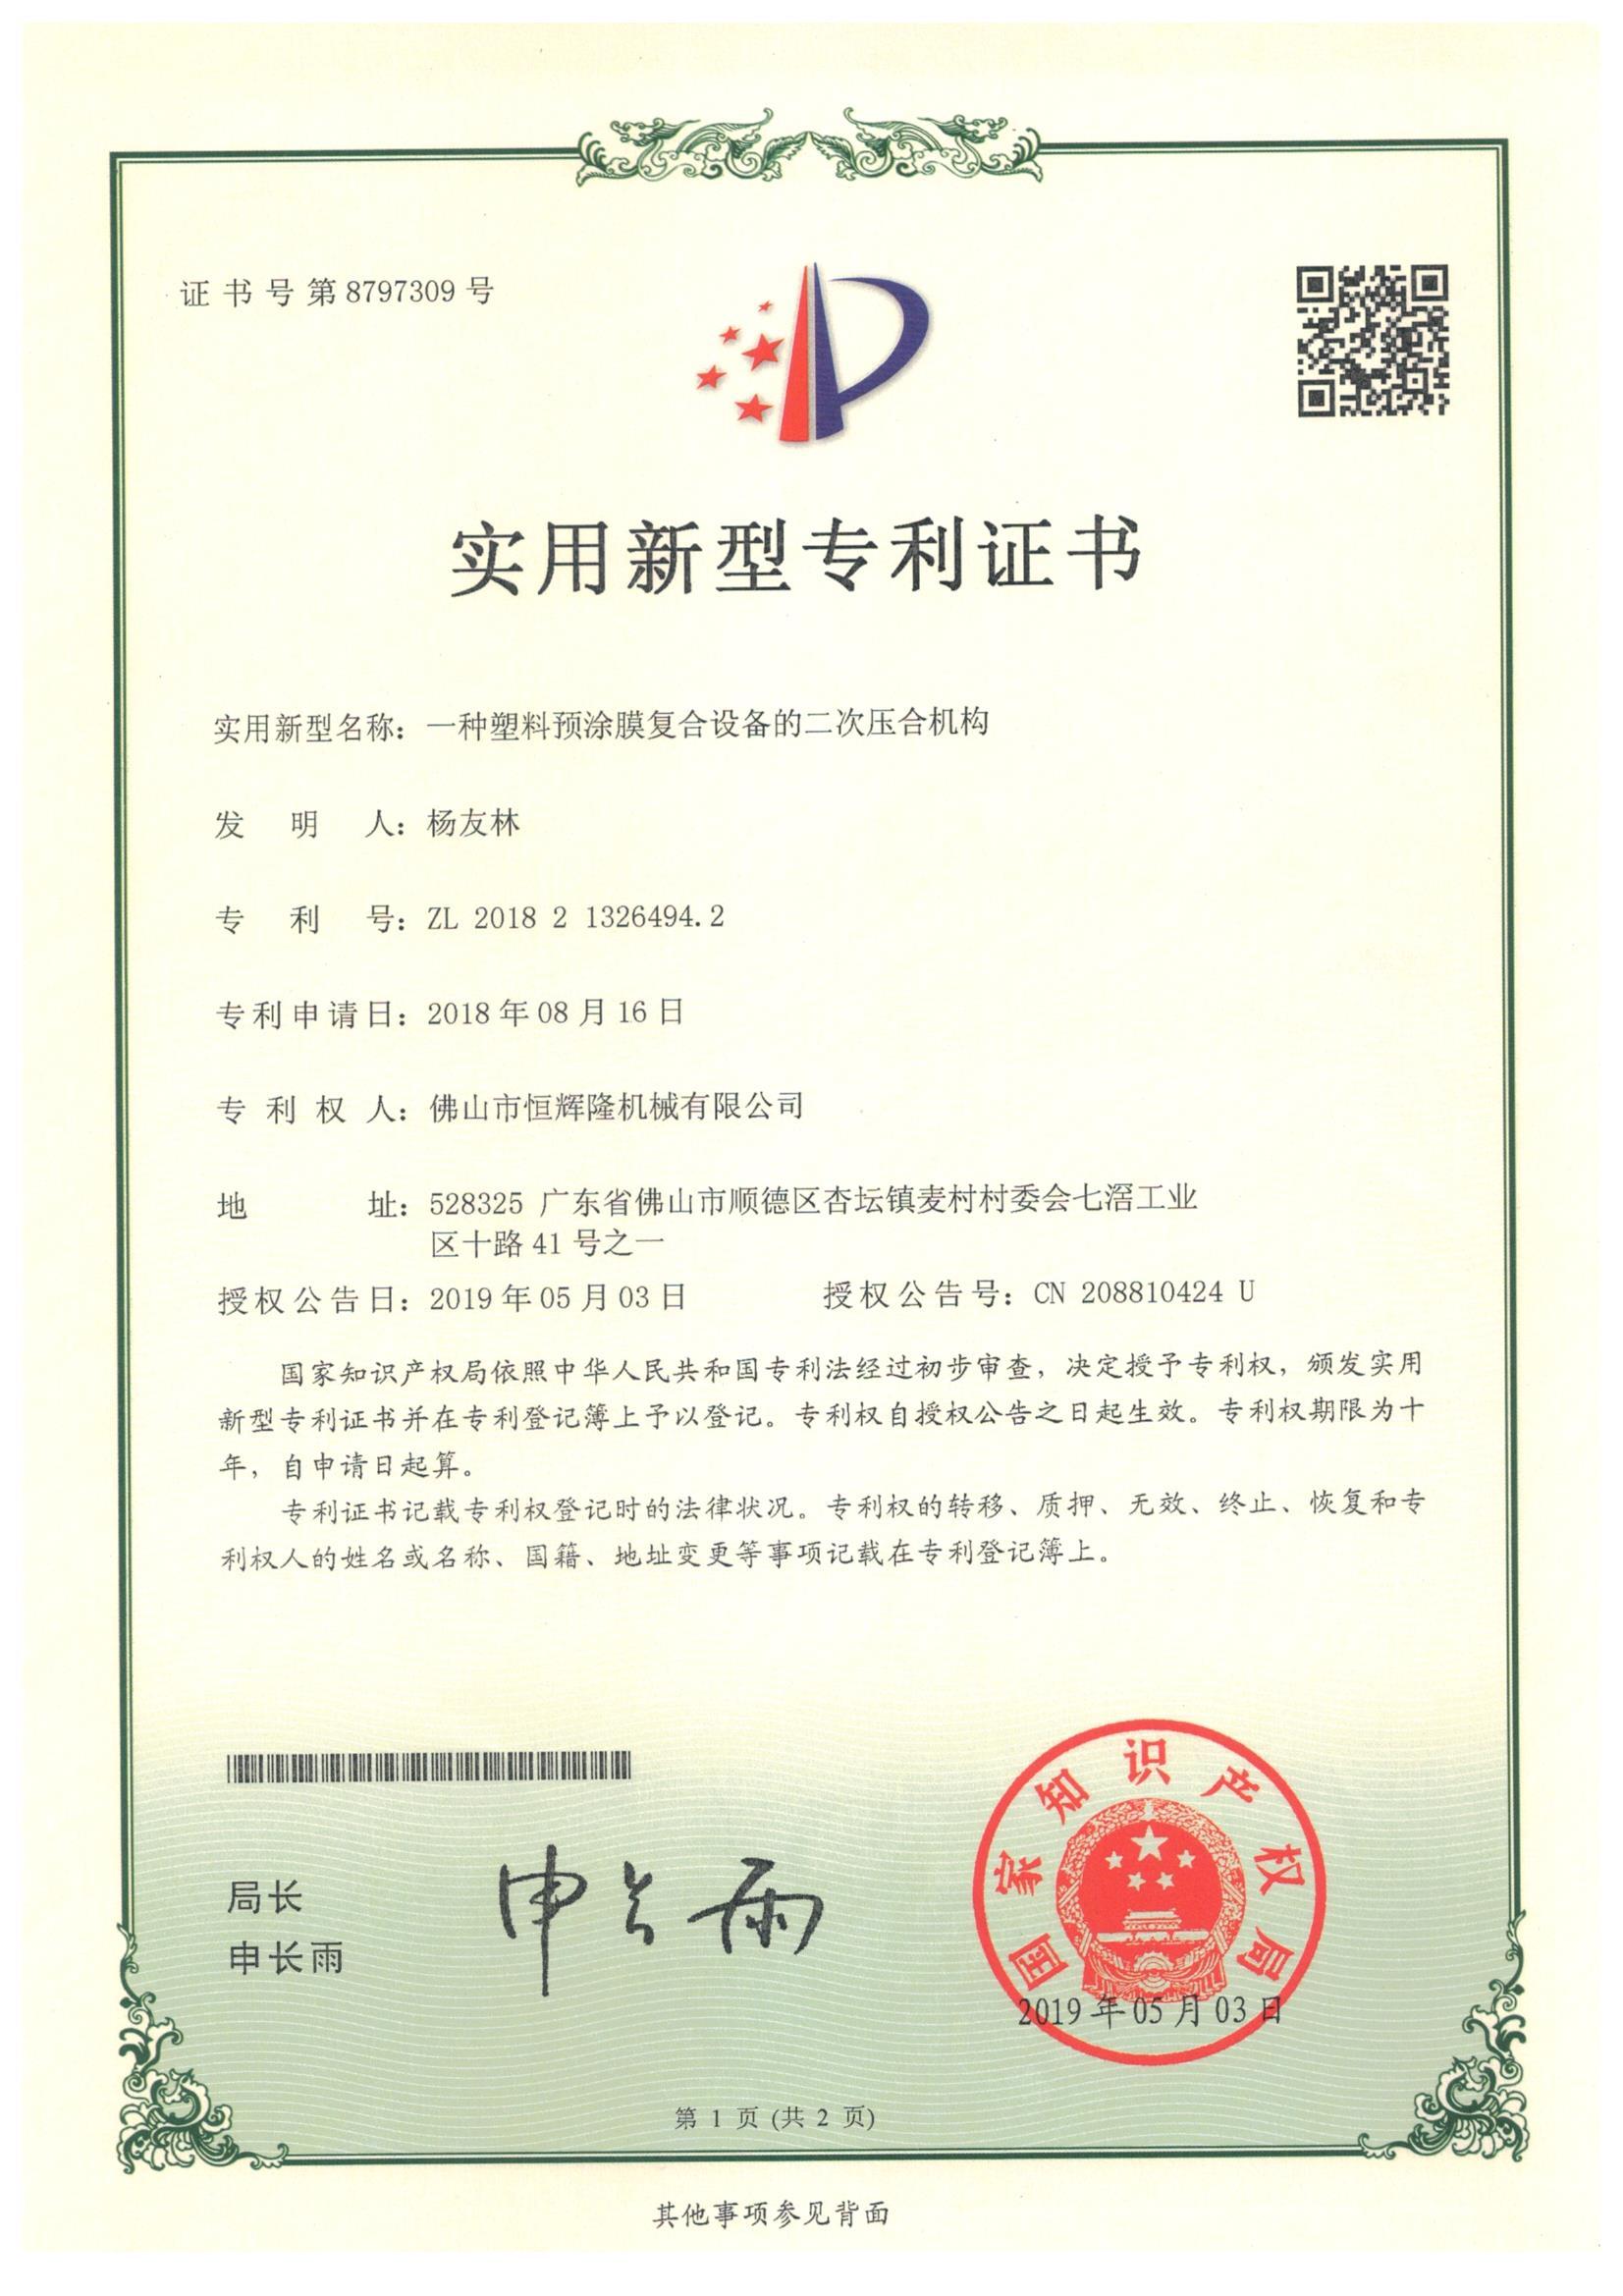 實用型專利 001